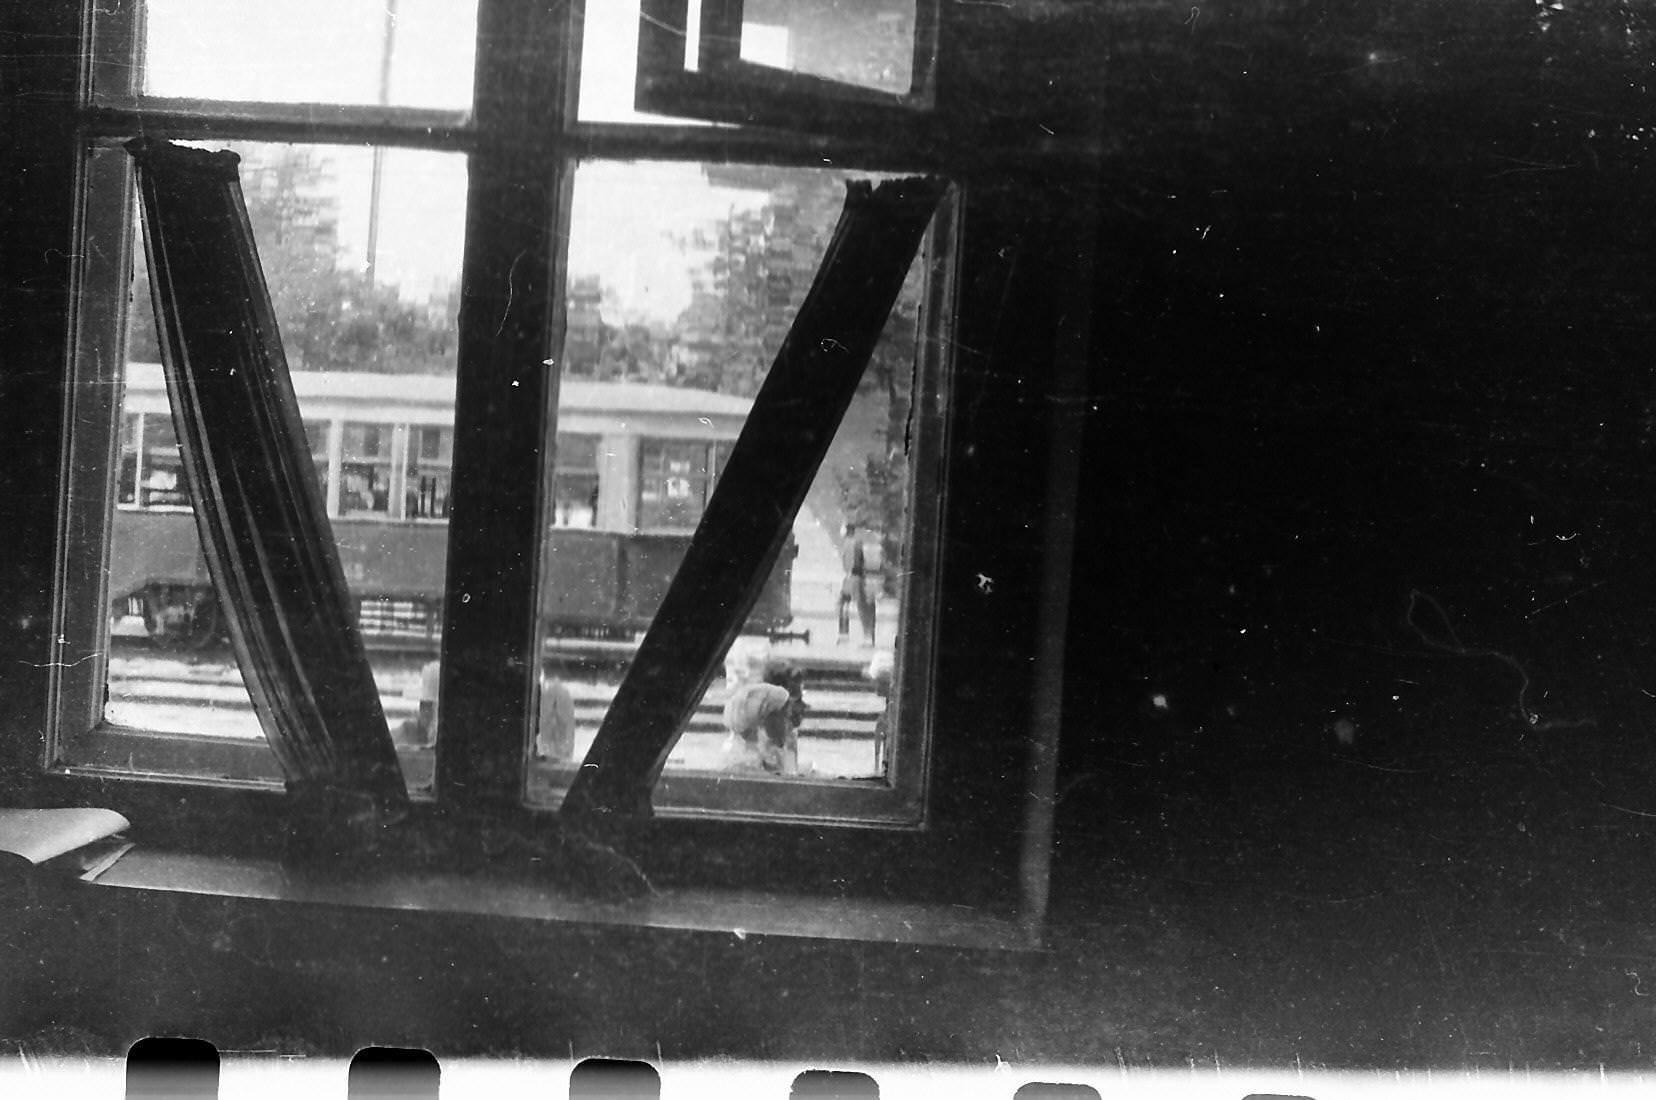 Вид из окна одного из легендарных вытрезвителей — «Чудильника» на Серебренниковской